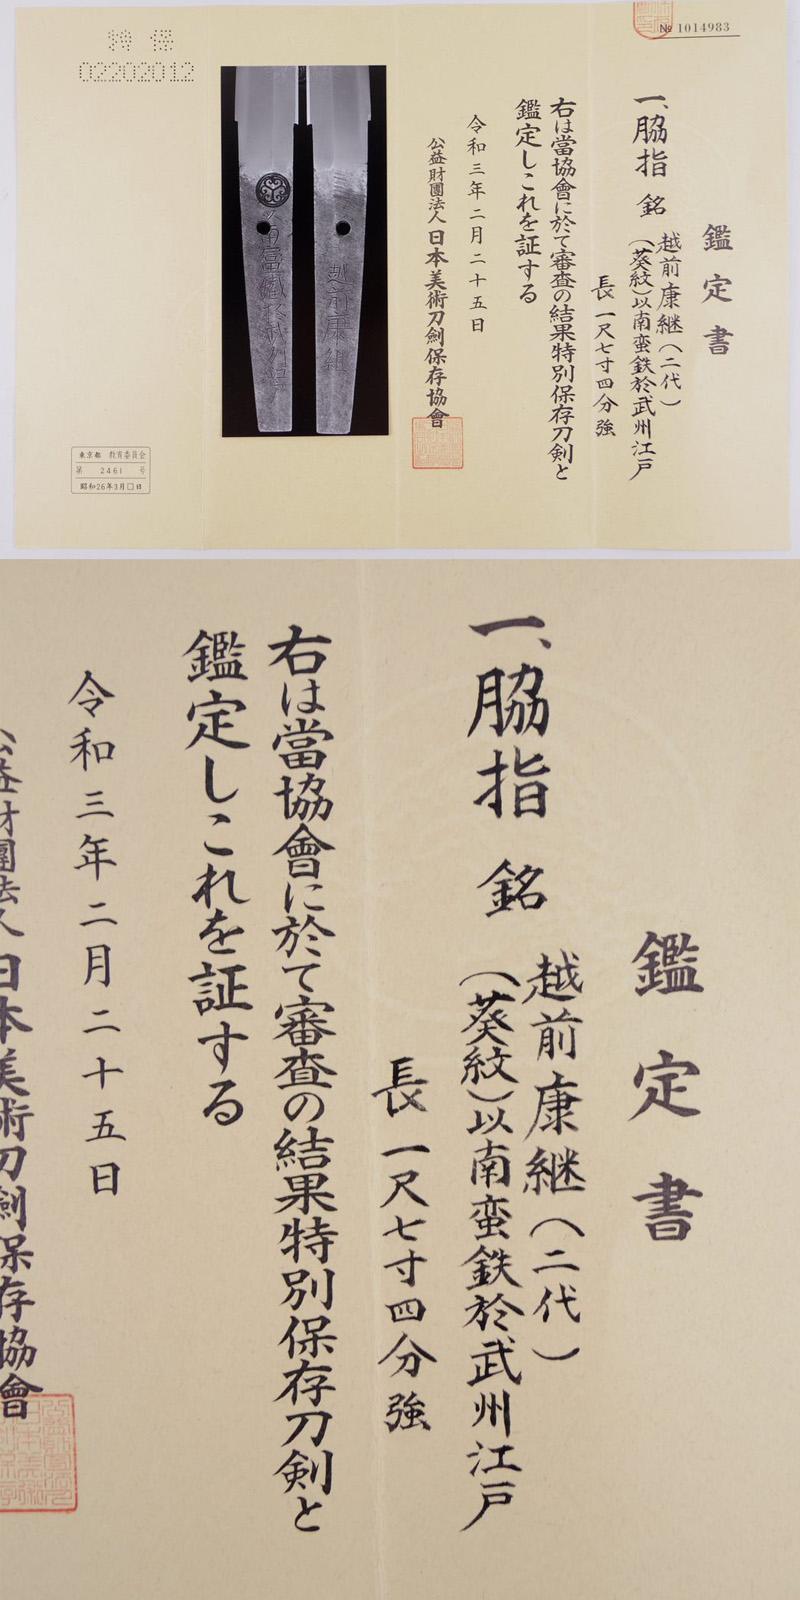 脇差 越前康継(二代康継) (新刀最上作) (良業物)   (葵紋)以南蛮於武州江戸鑑定書画像